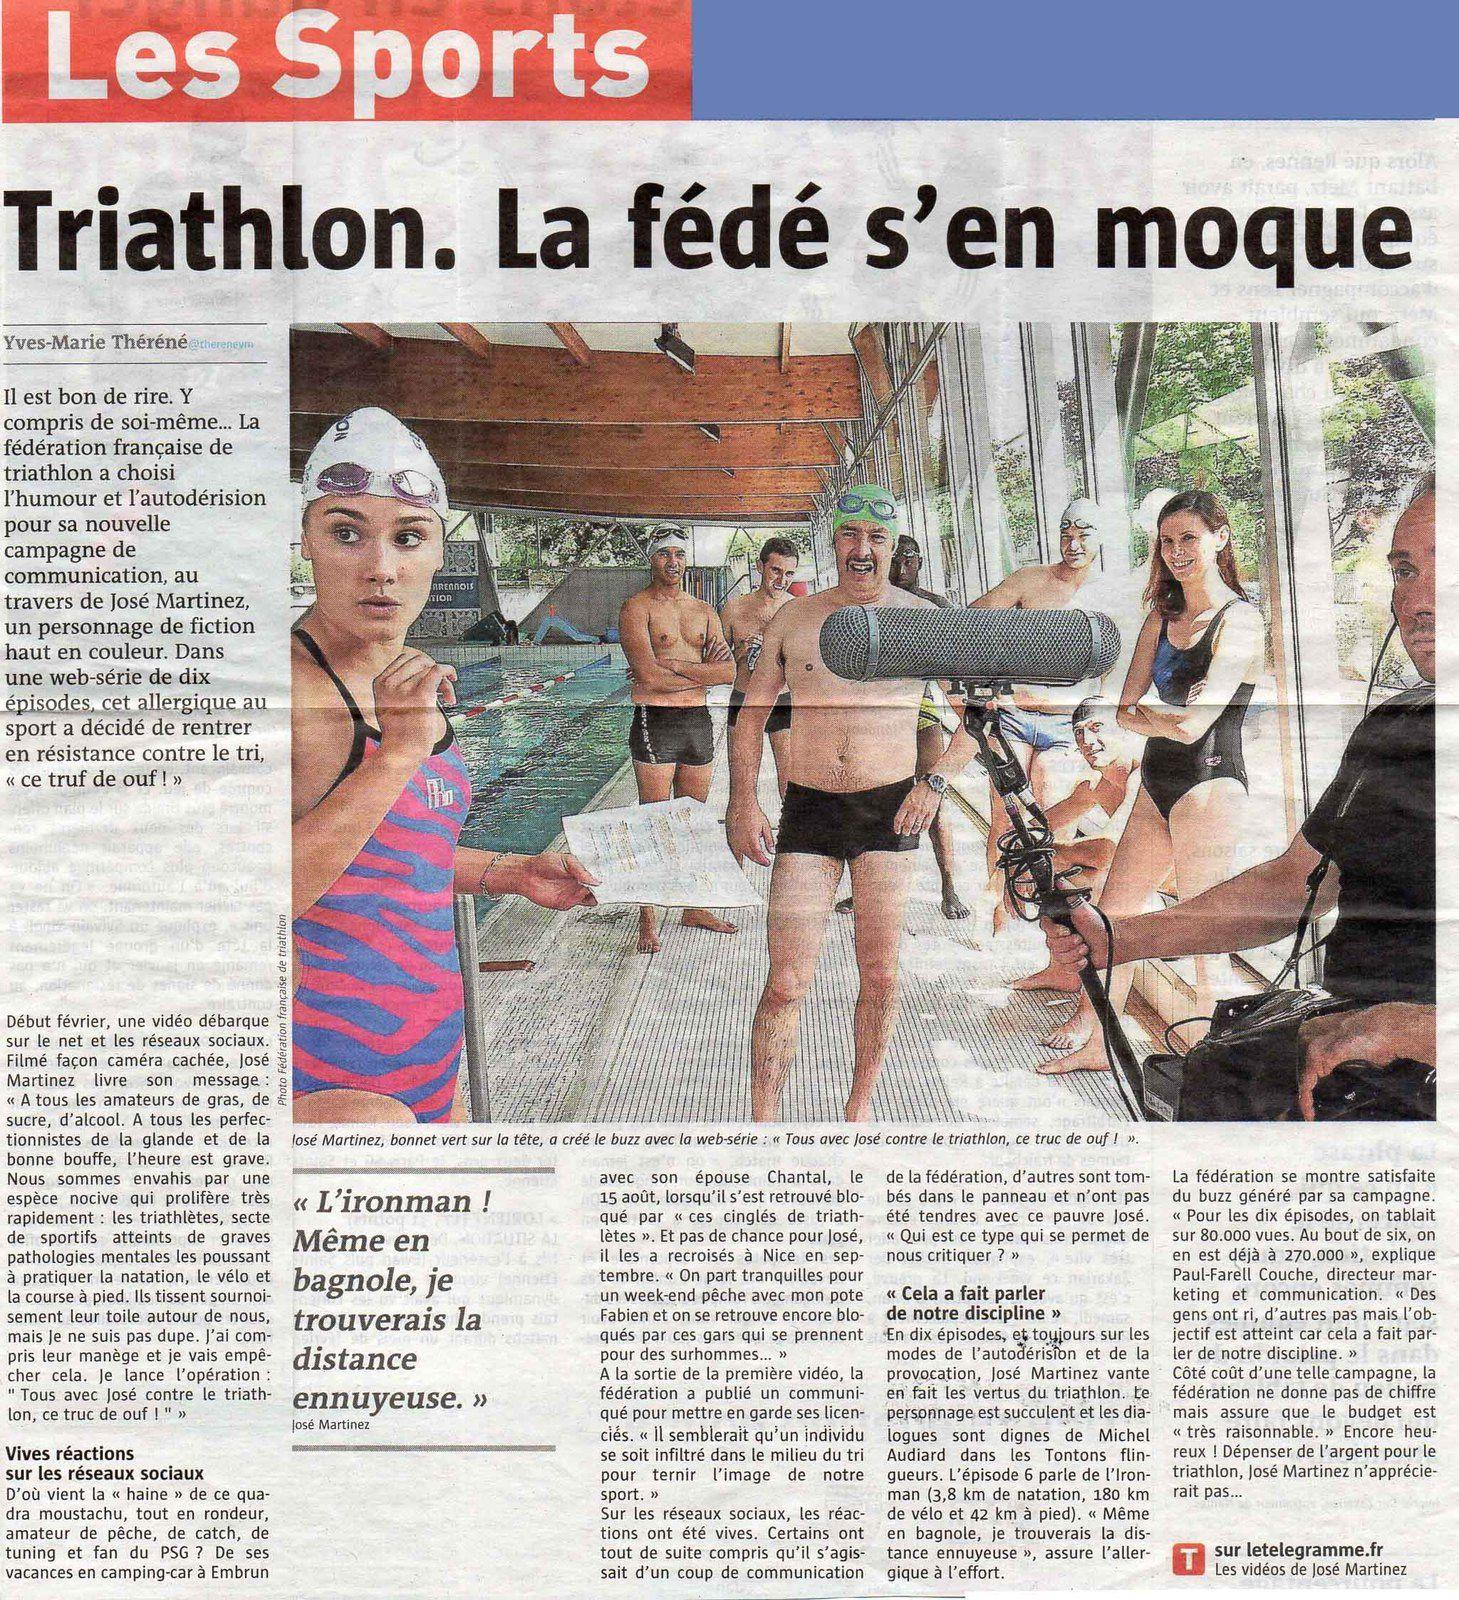 Tous avec José contre le Triathlon